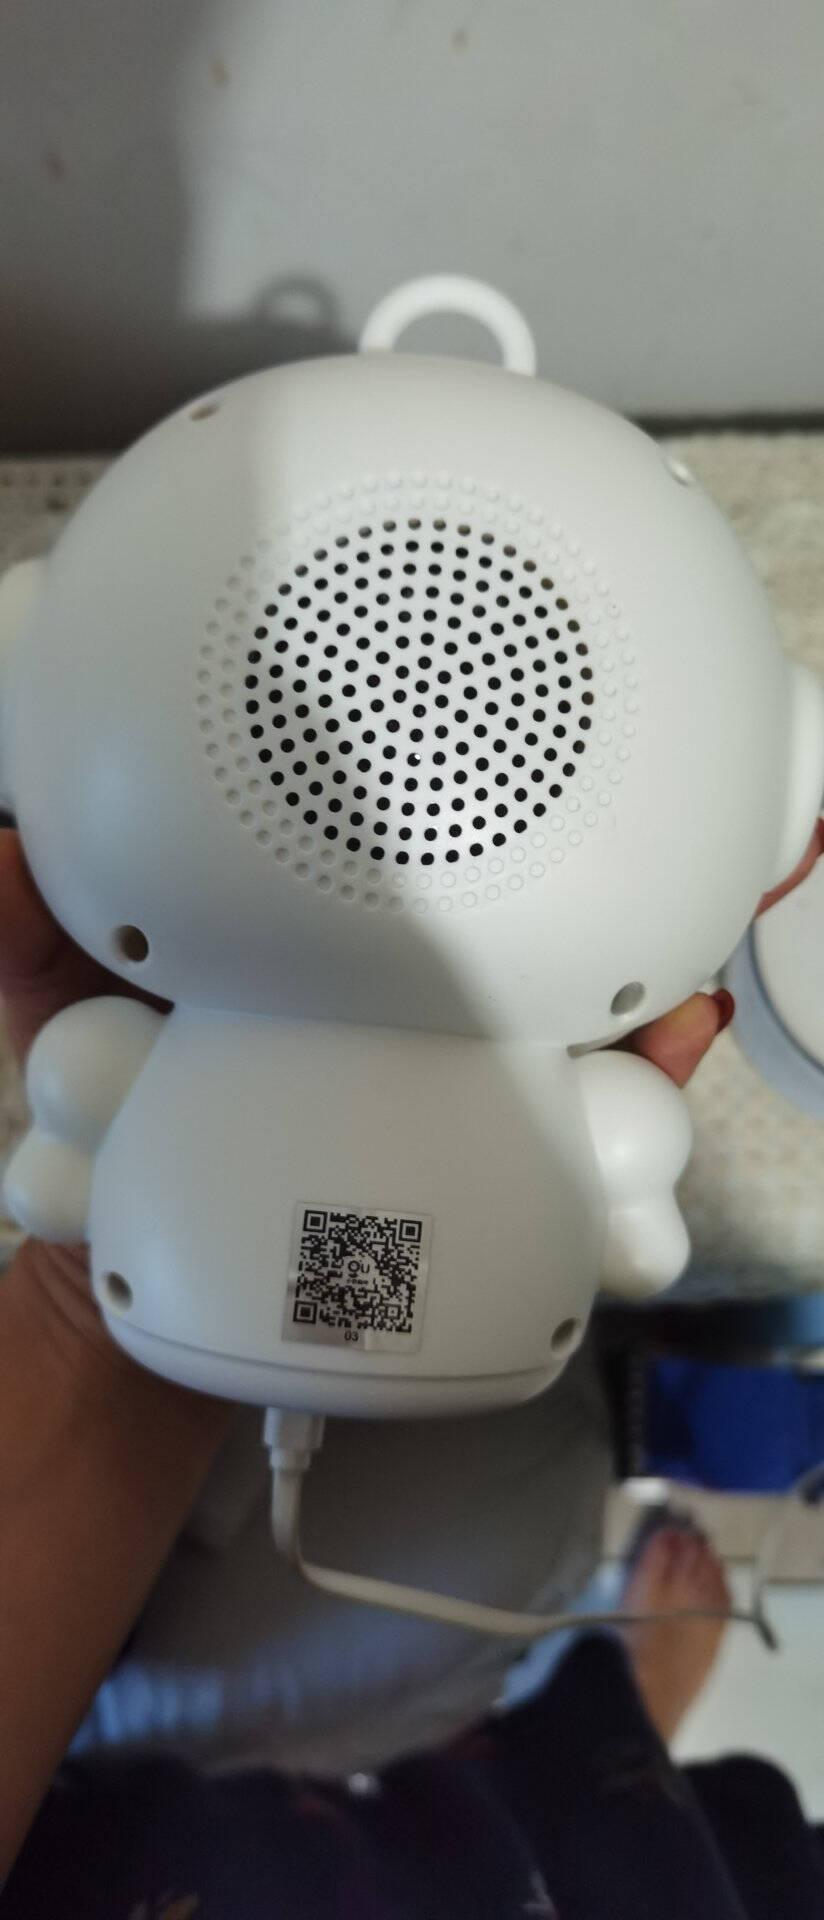 半兽人WiFi智能机器人儿童故事早教机语音互动聊天学习玩伴益智玩具教育机器人语音对话教学机器人战神WIFI机器人白色